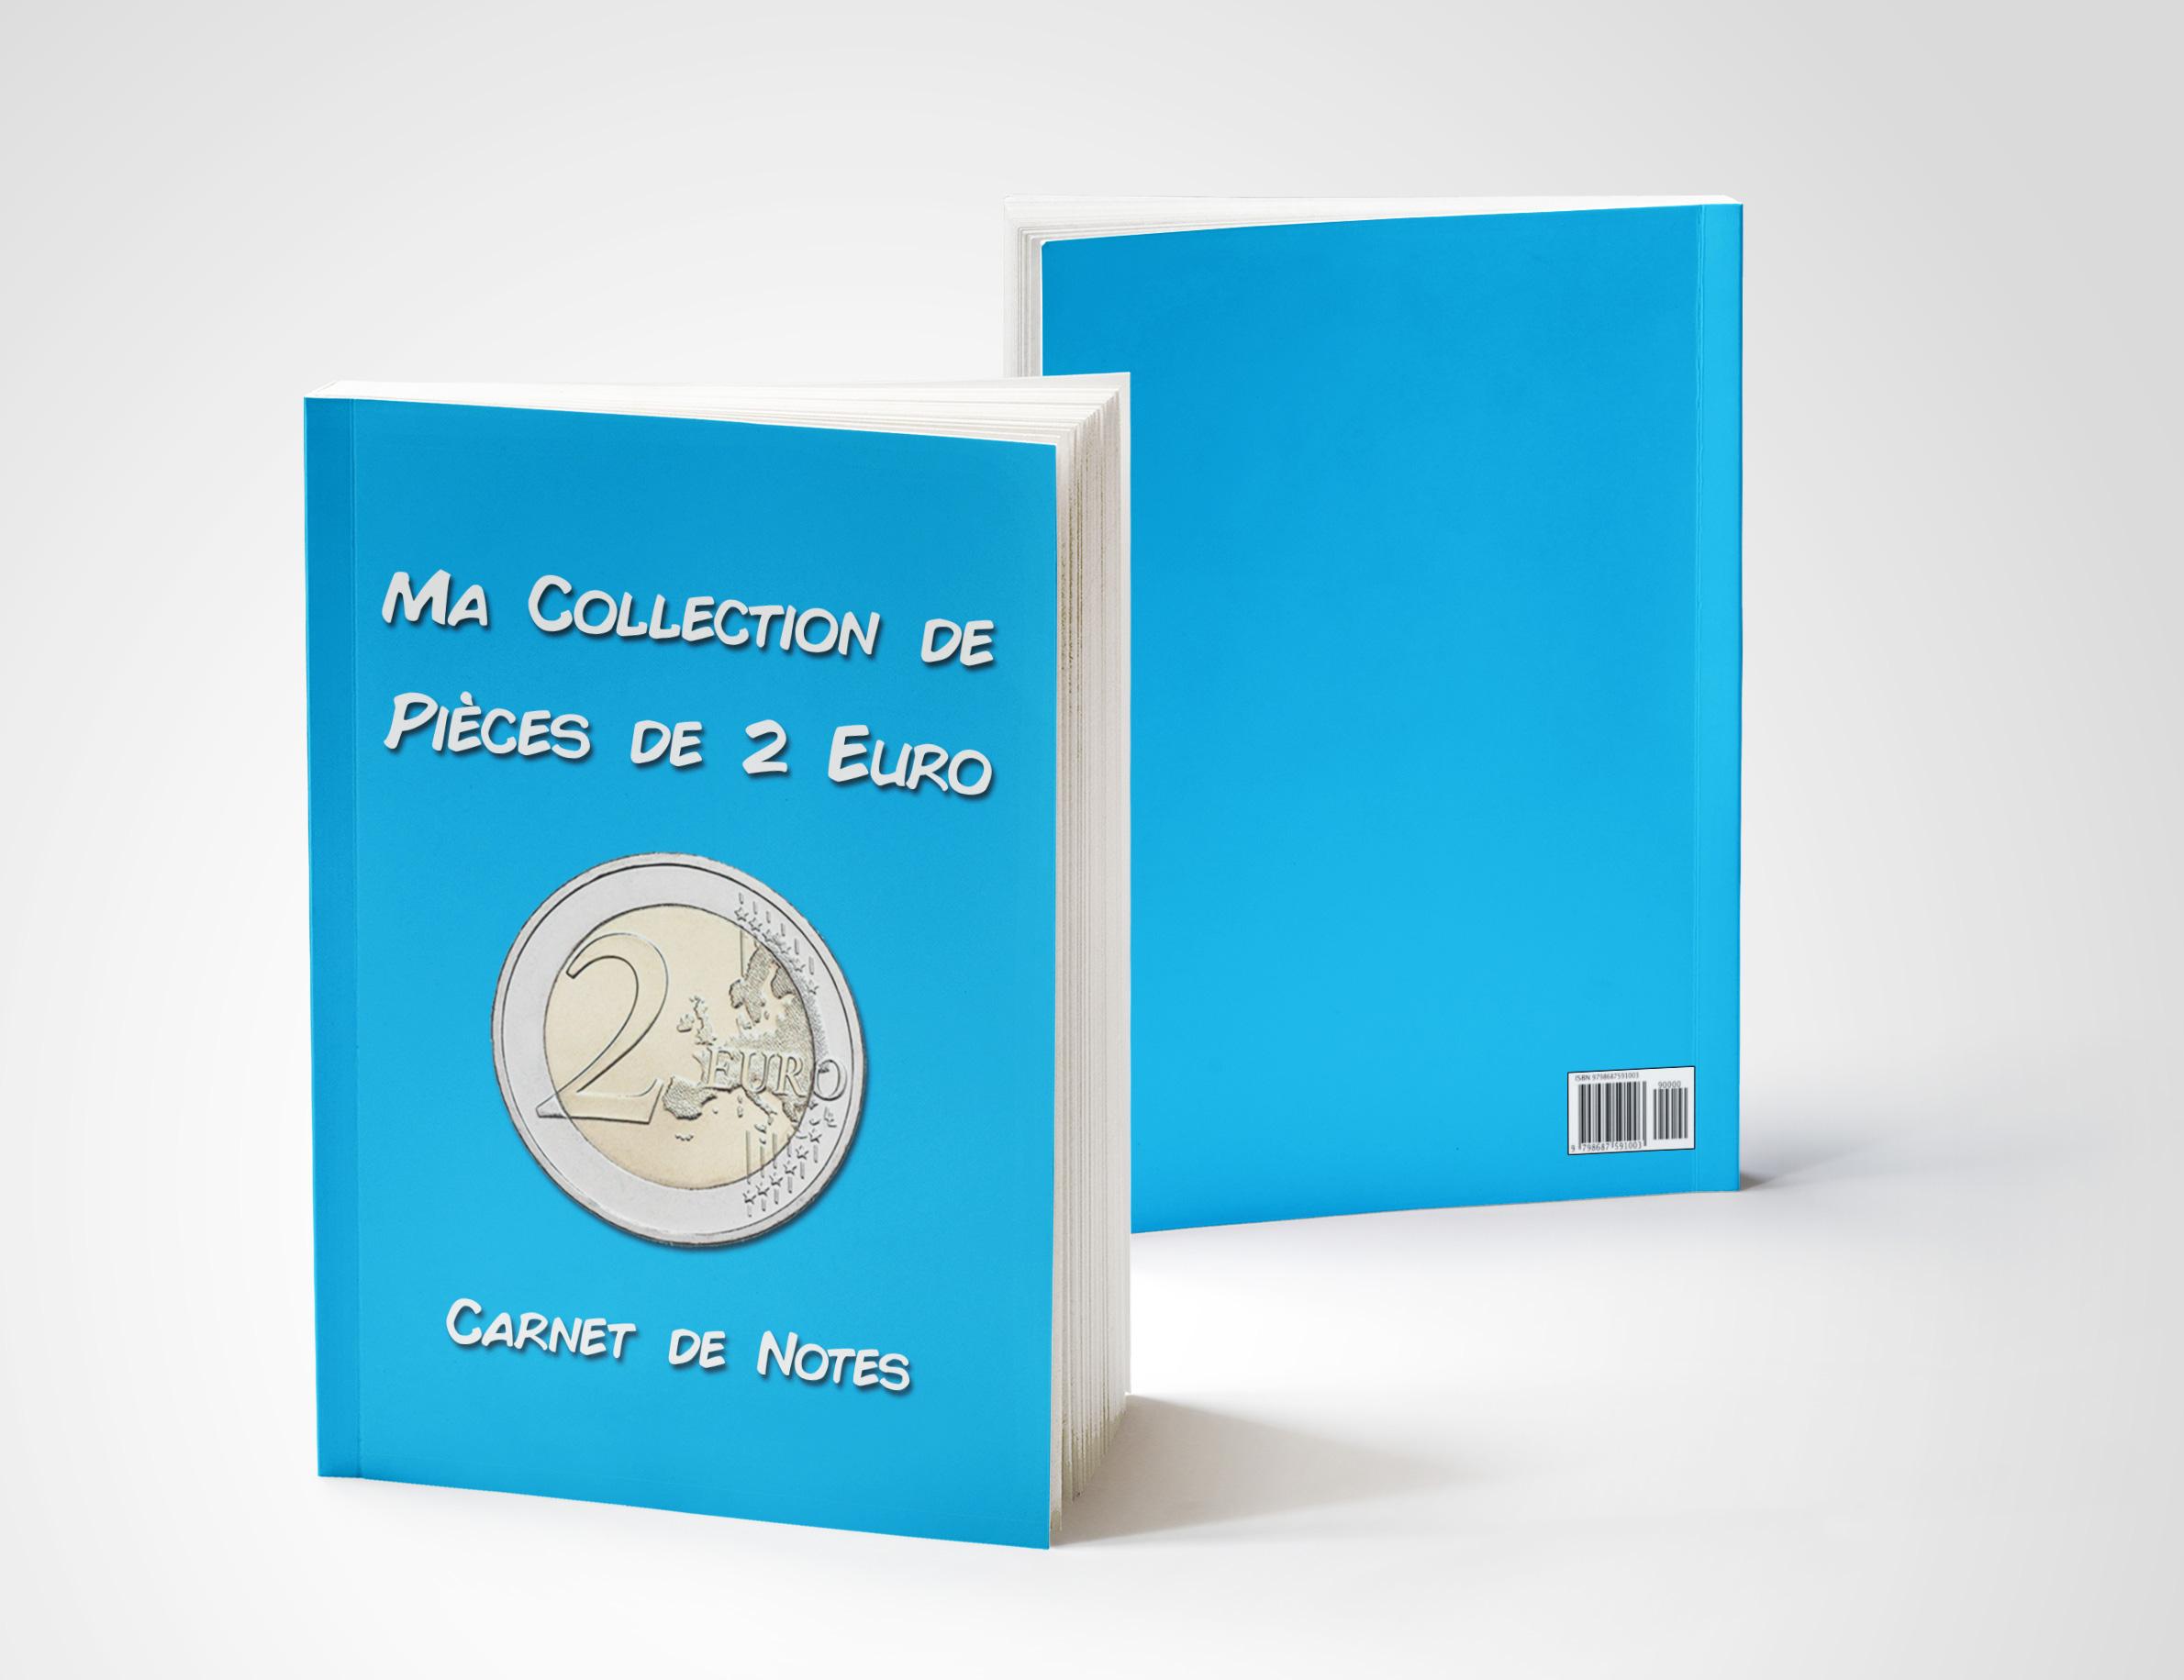 Image de la couverture du Carnet de Notes pour pièces de 2 euro